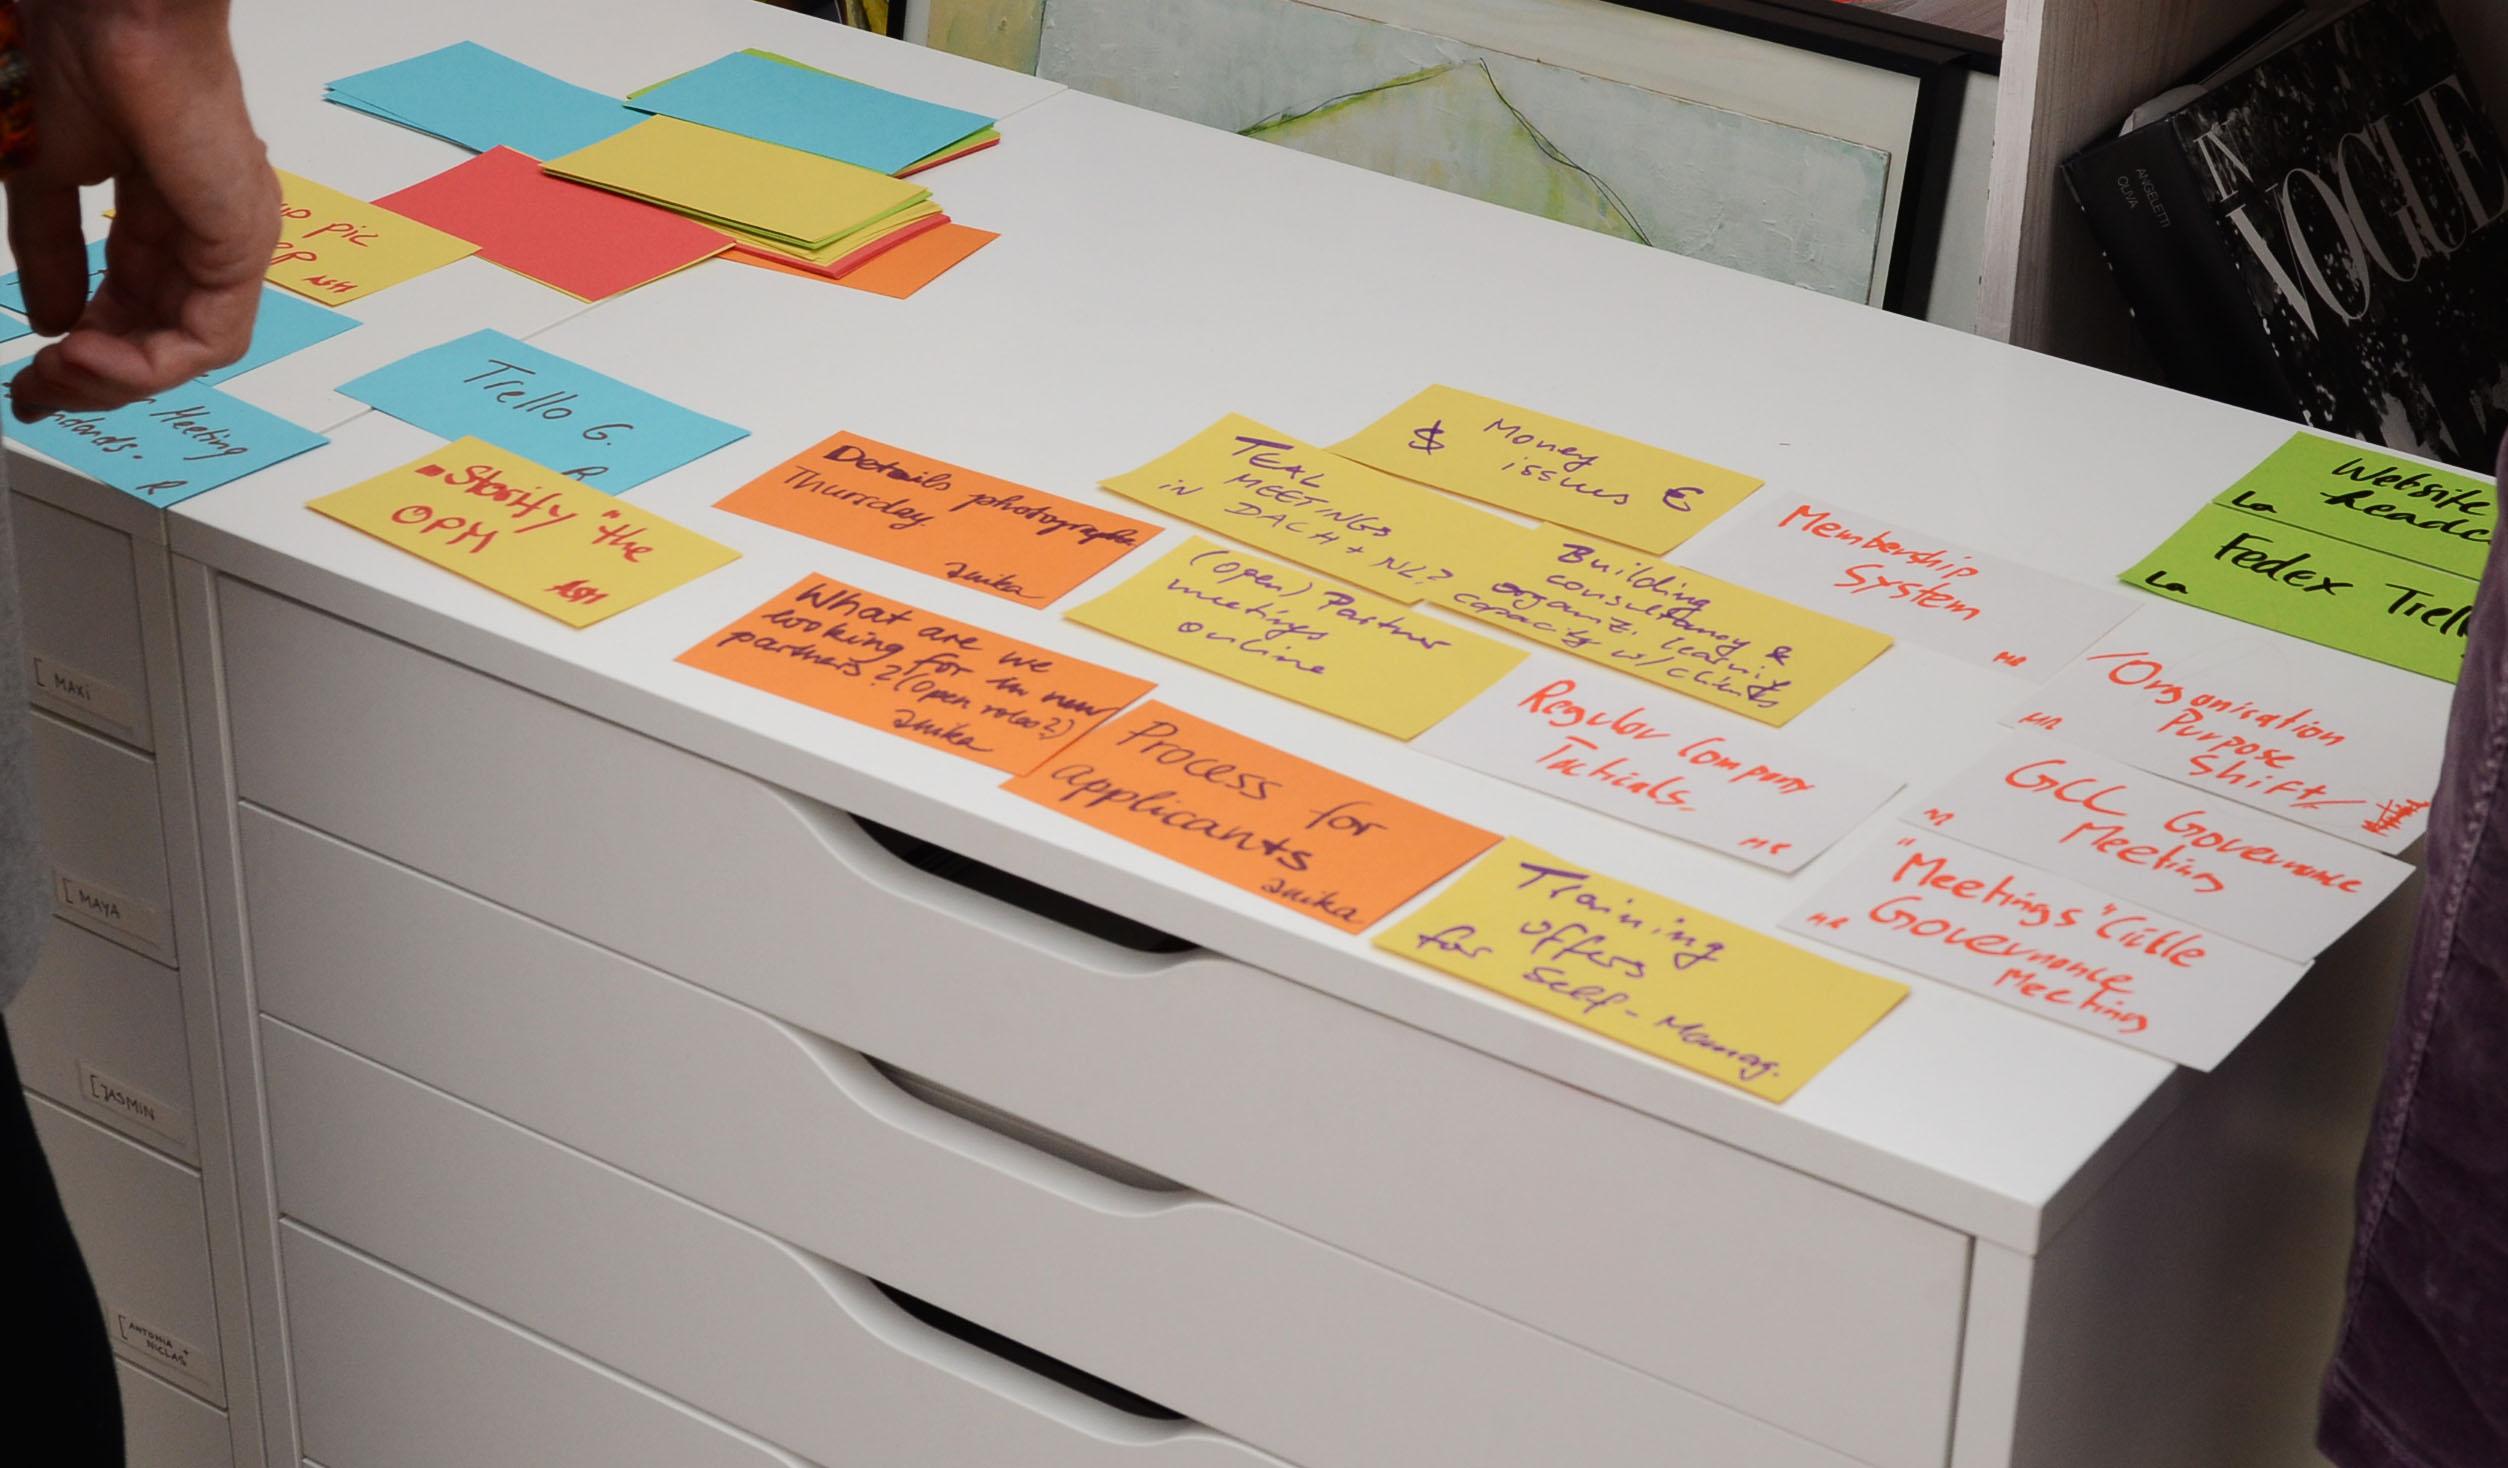 2_agenda_building